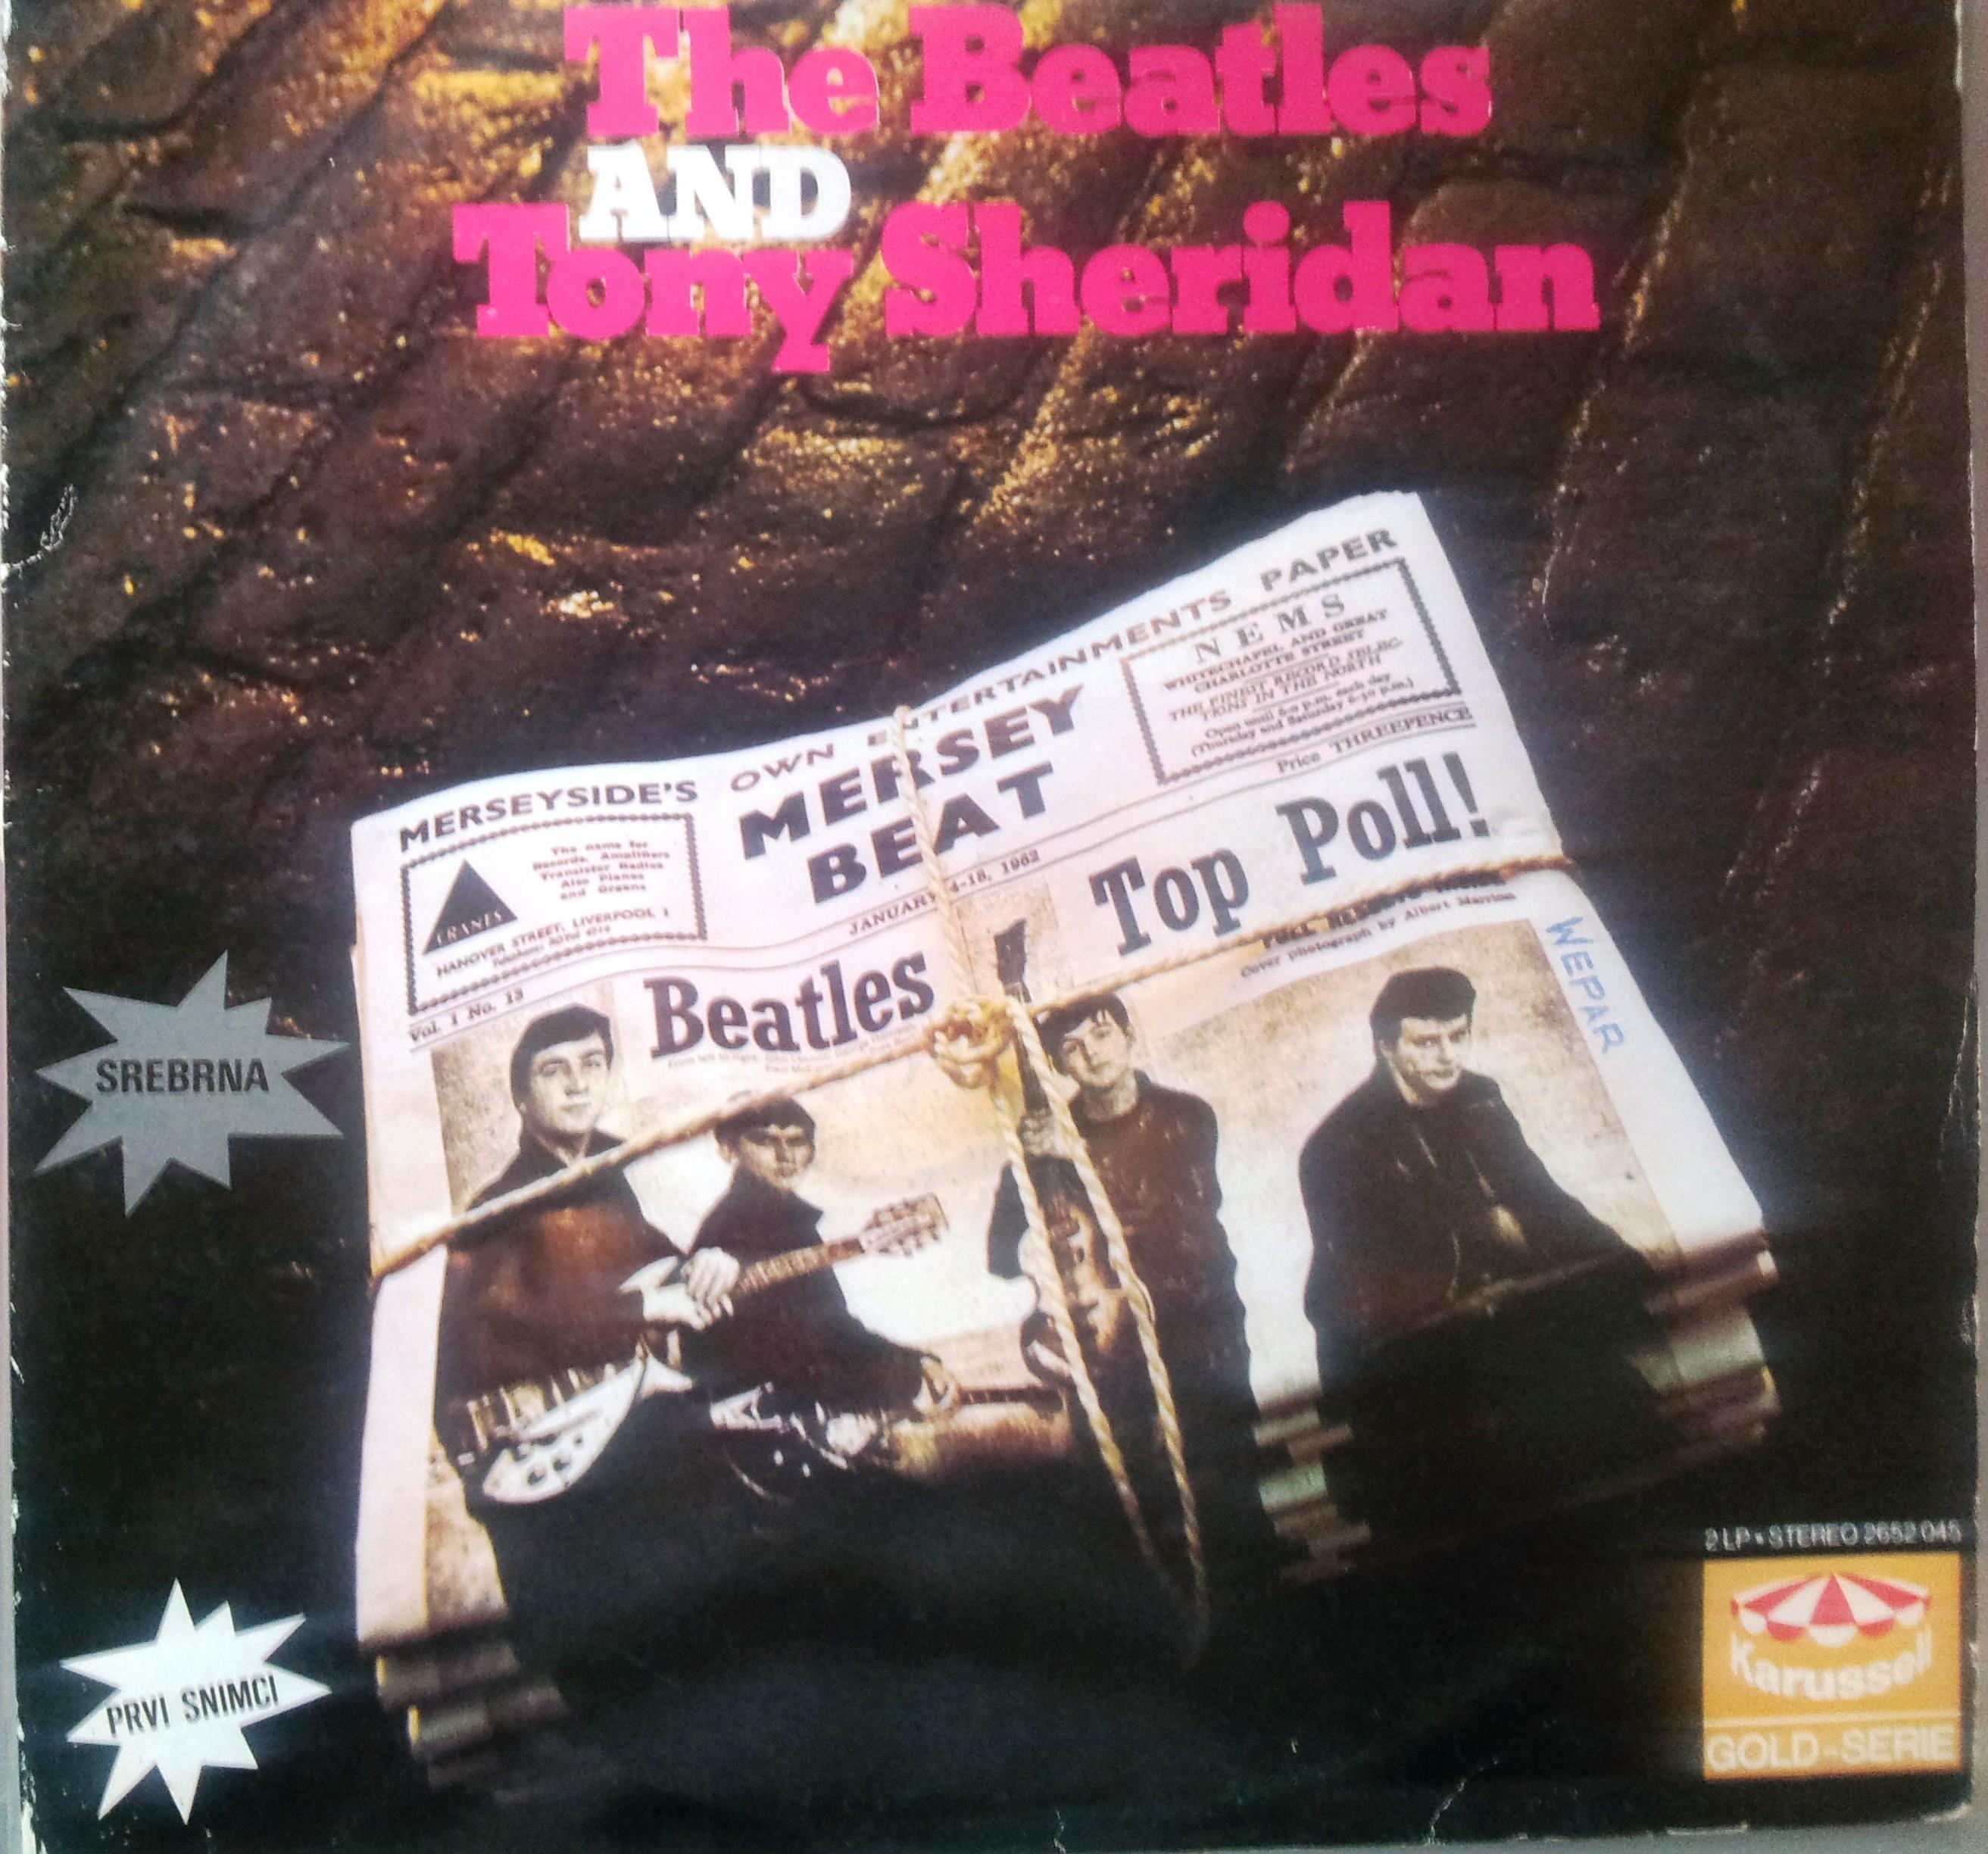 Beatles Tony Sheridan - In The Beginning